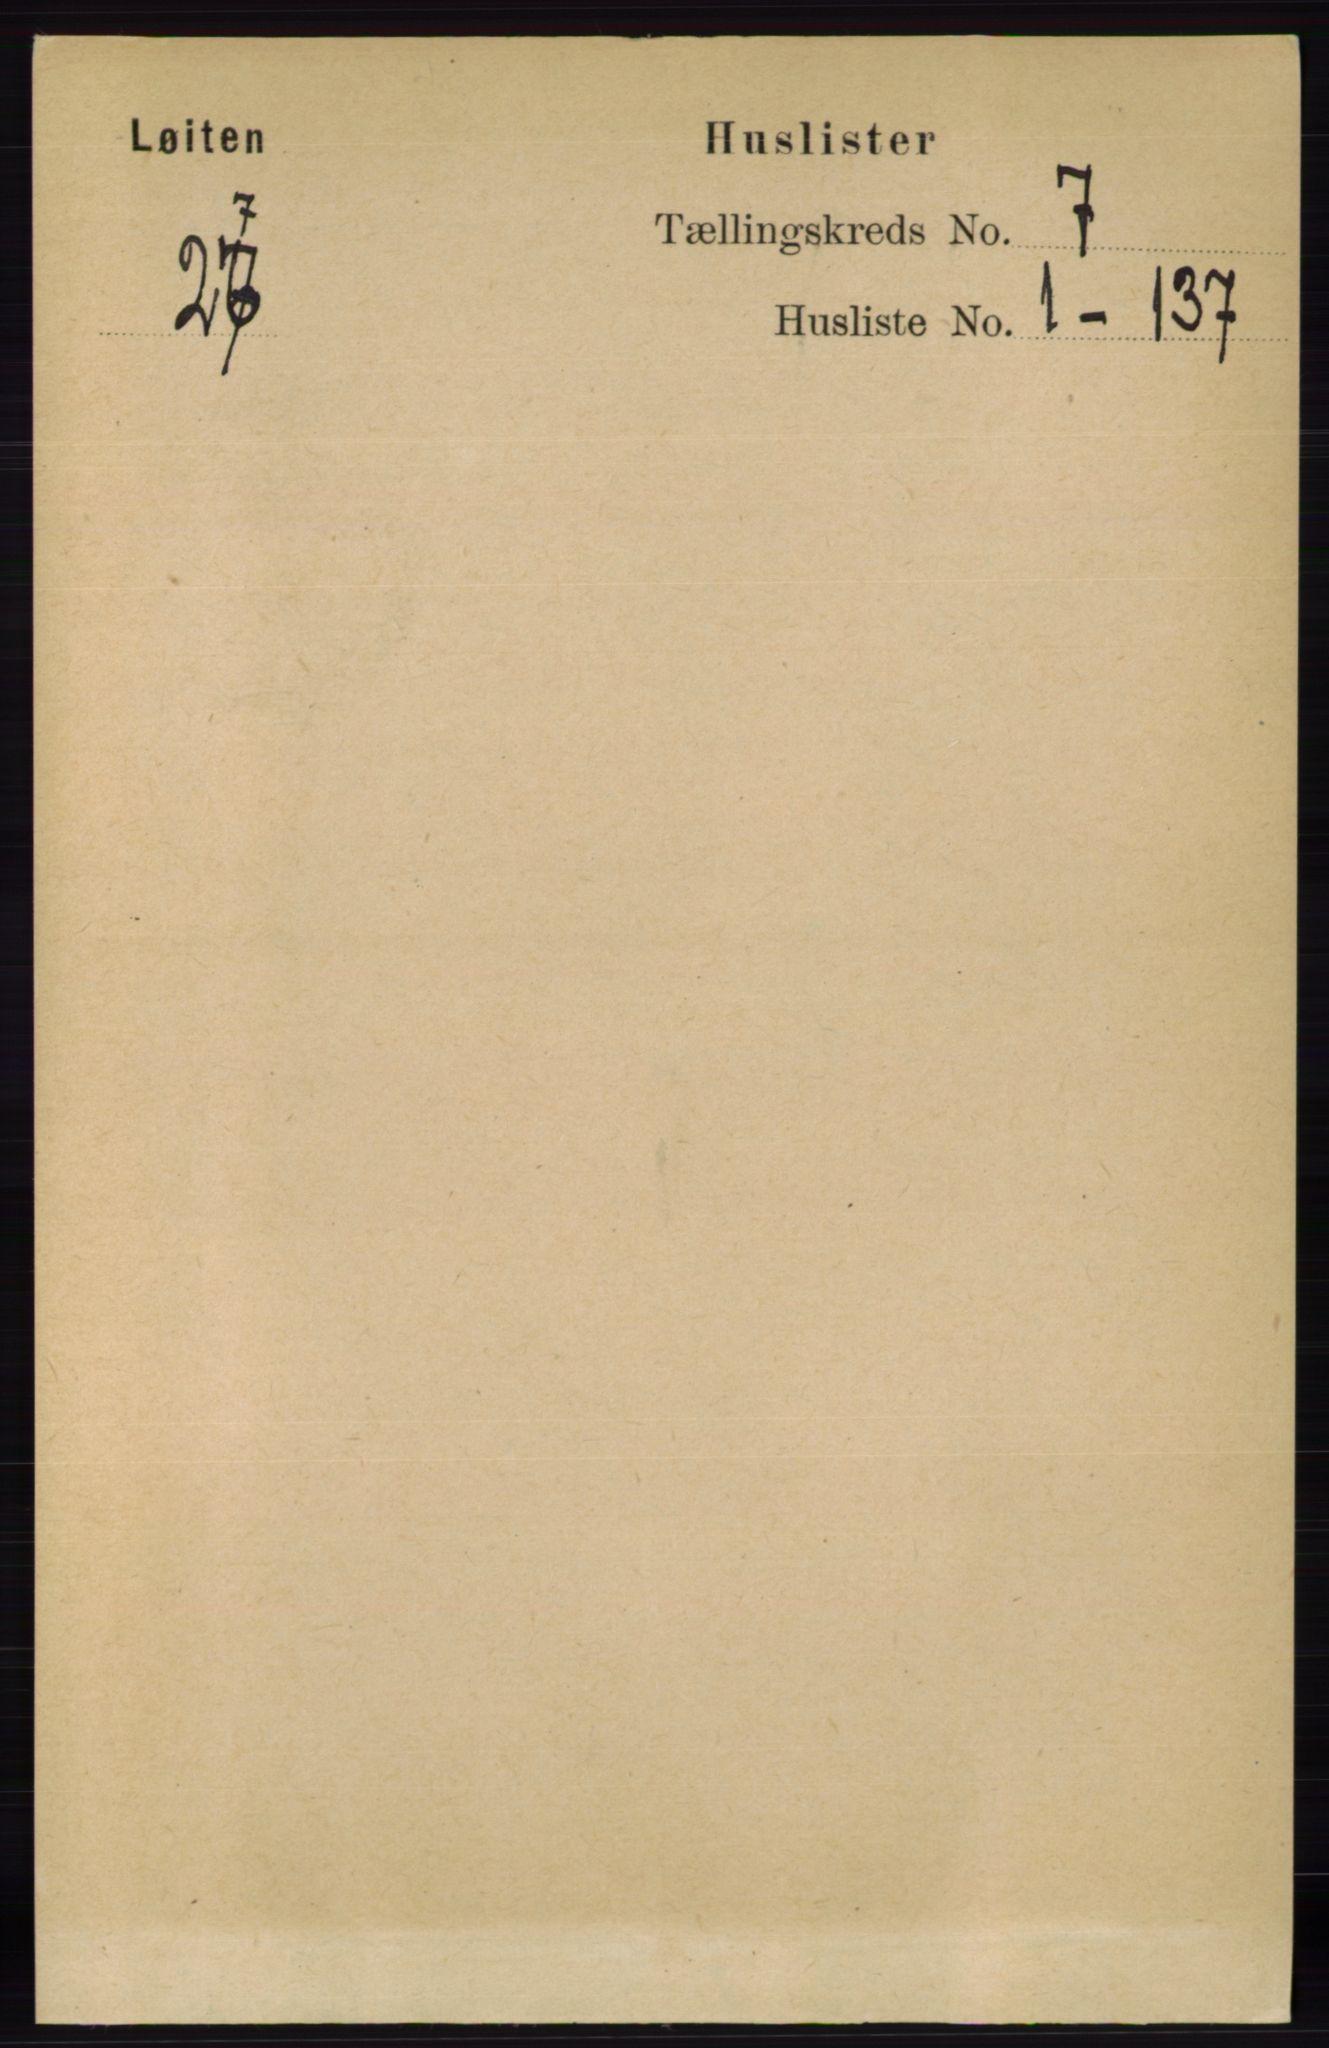 RA, Folketelling 1891 for 0415 Løten herred, 1891, s. 4268